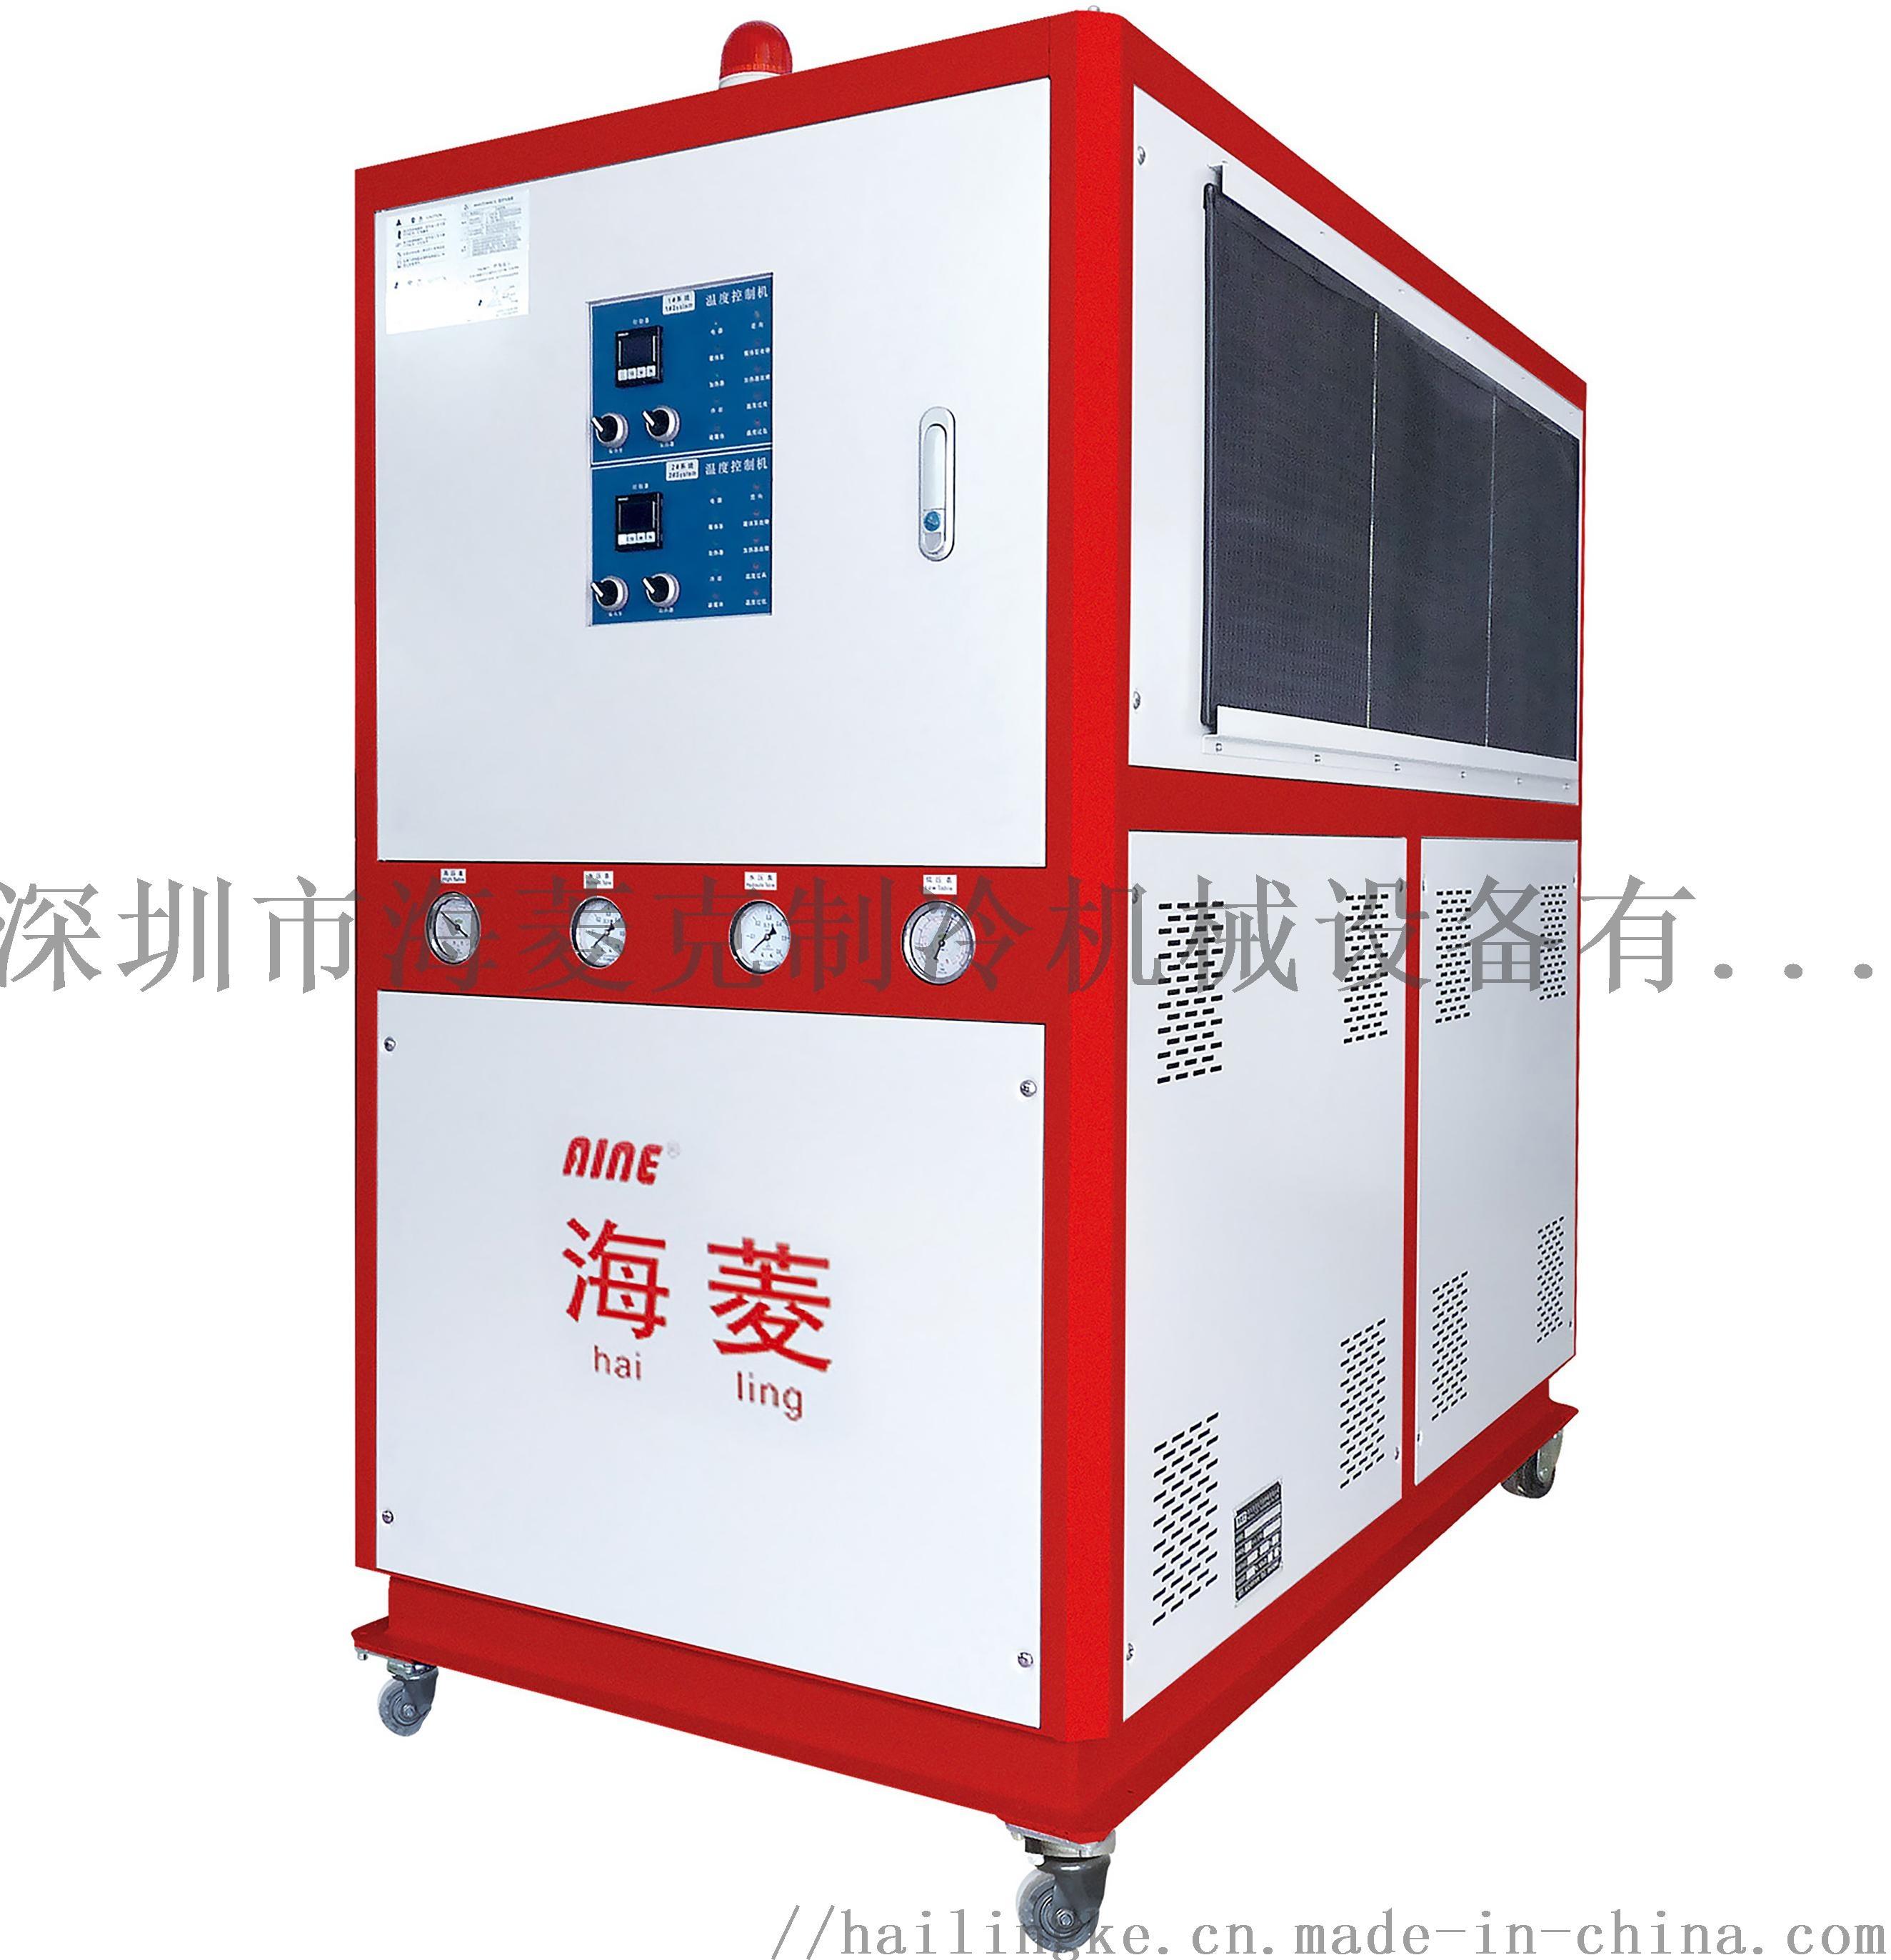 冷水机首选海菱克,可特殊订做冷水机厂家 修改851029105